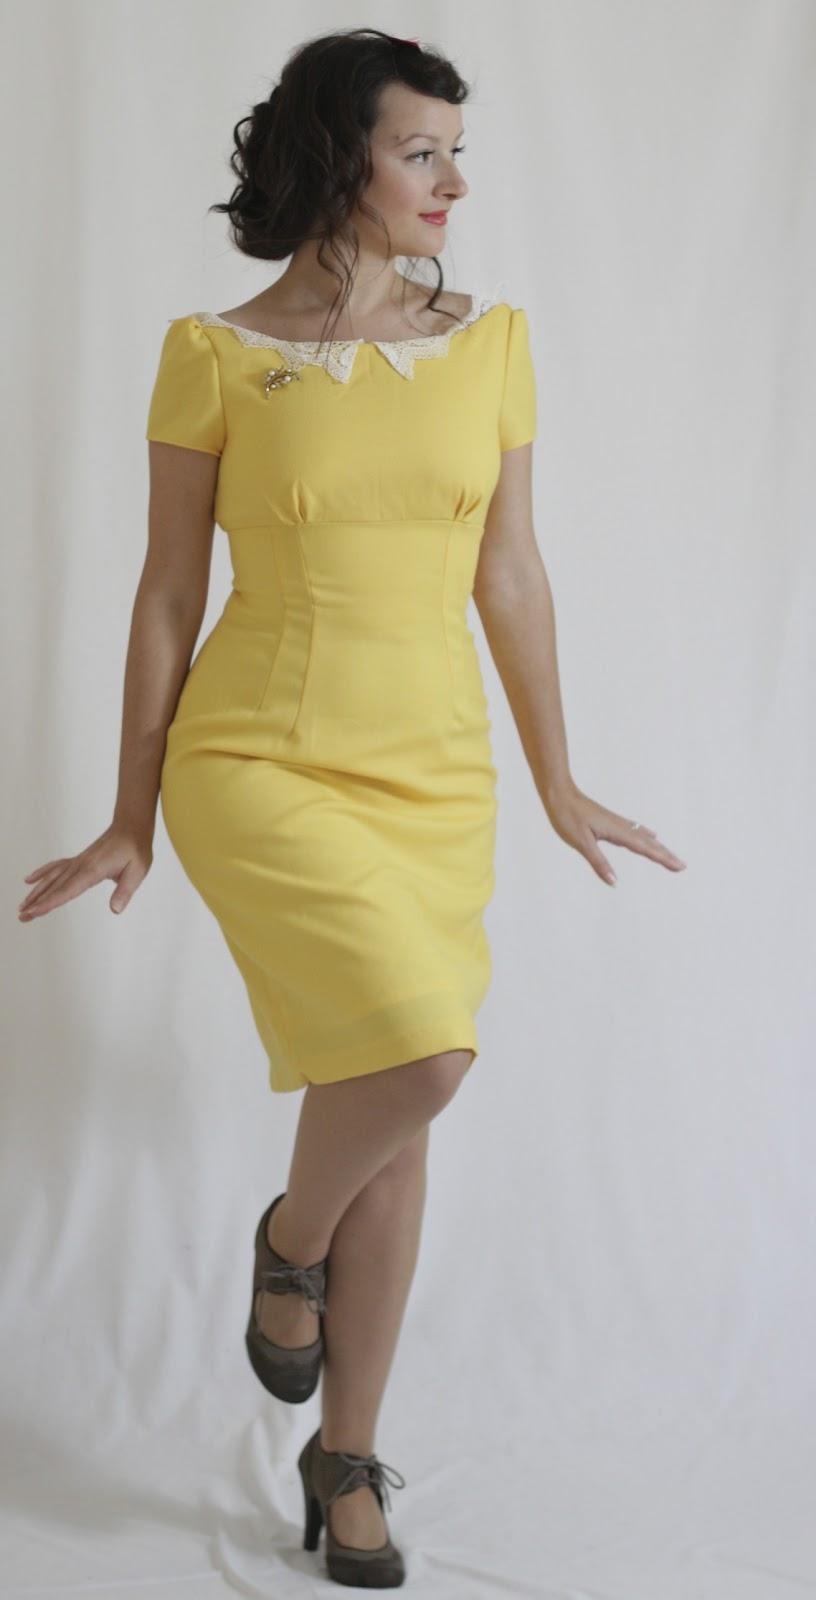 Megan Draper Inspired Style: Julie